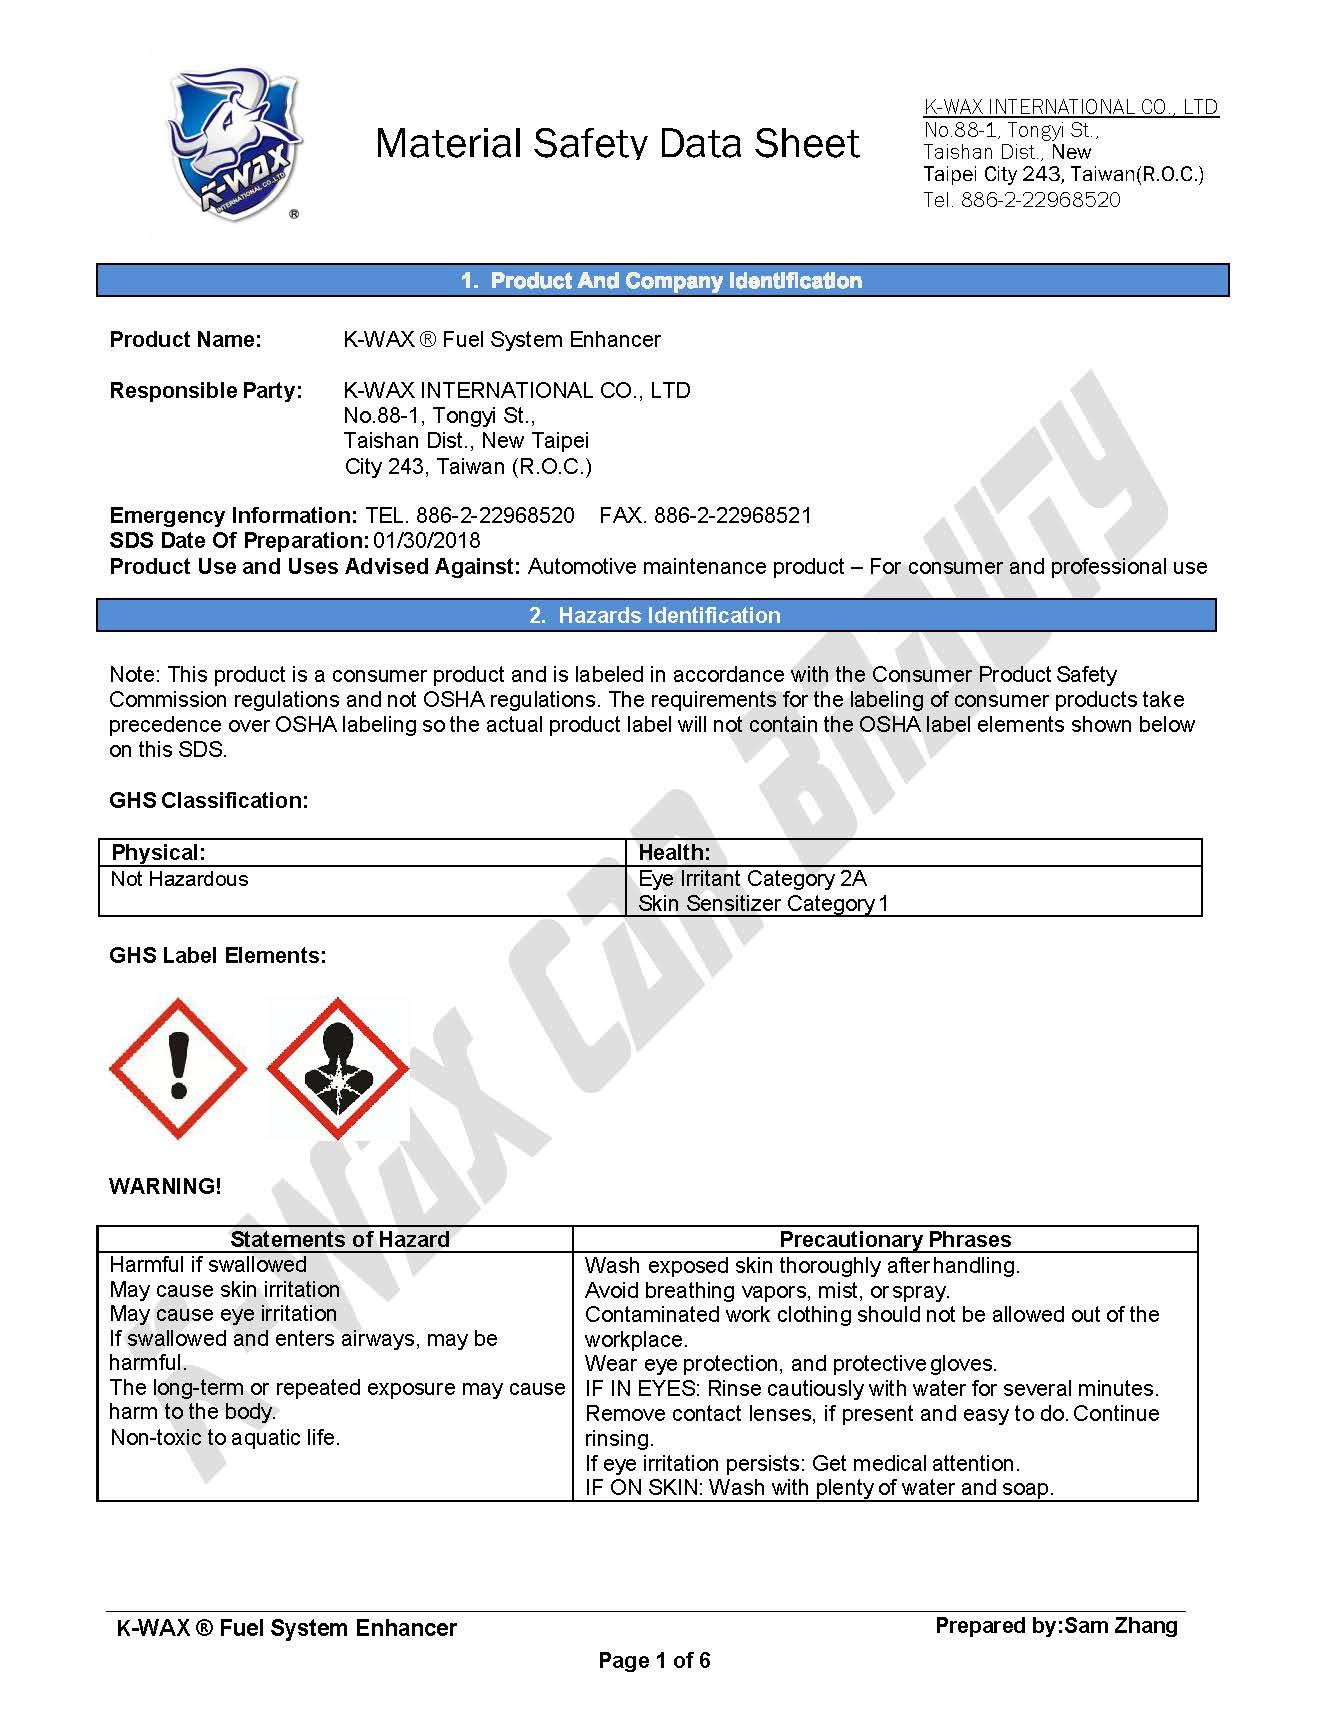 燃油系統強化劑 MSDS_页面_1.jpg